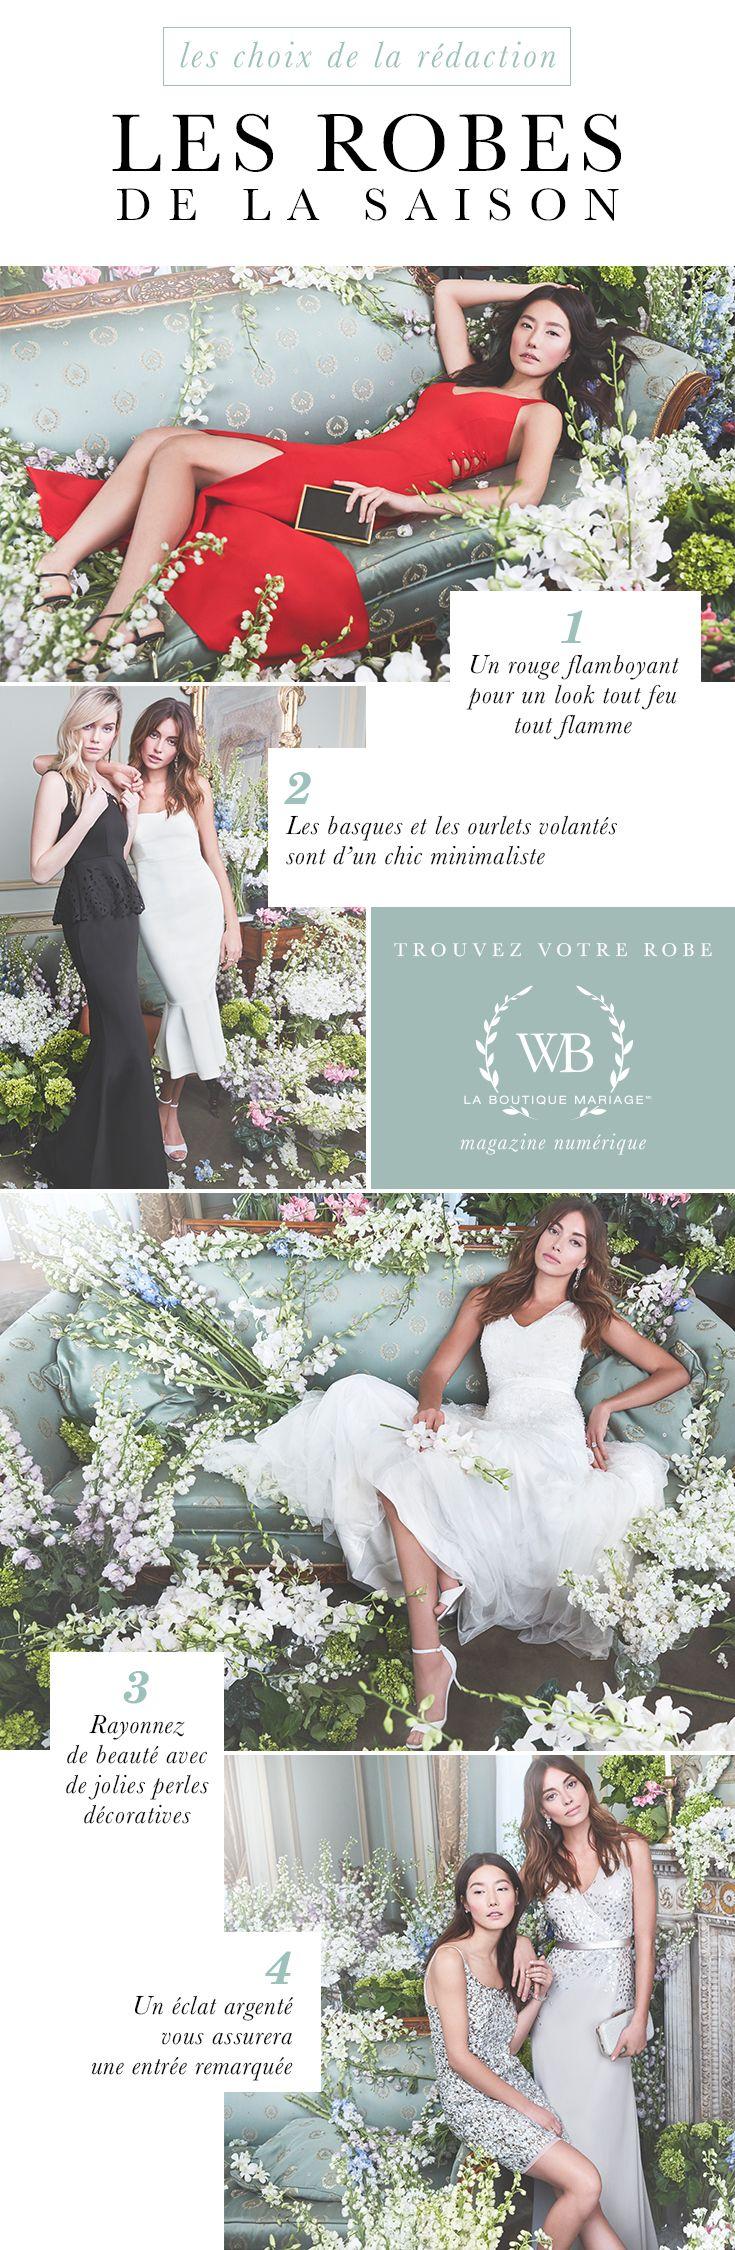 Les plus belles robes de la saison | The Wedding Boutique Magazine par LE CHÂTE …